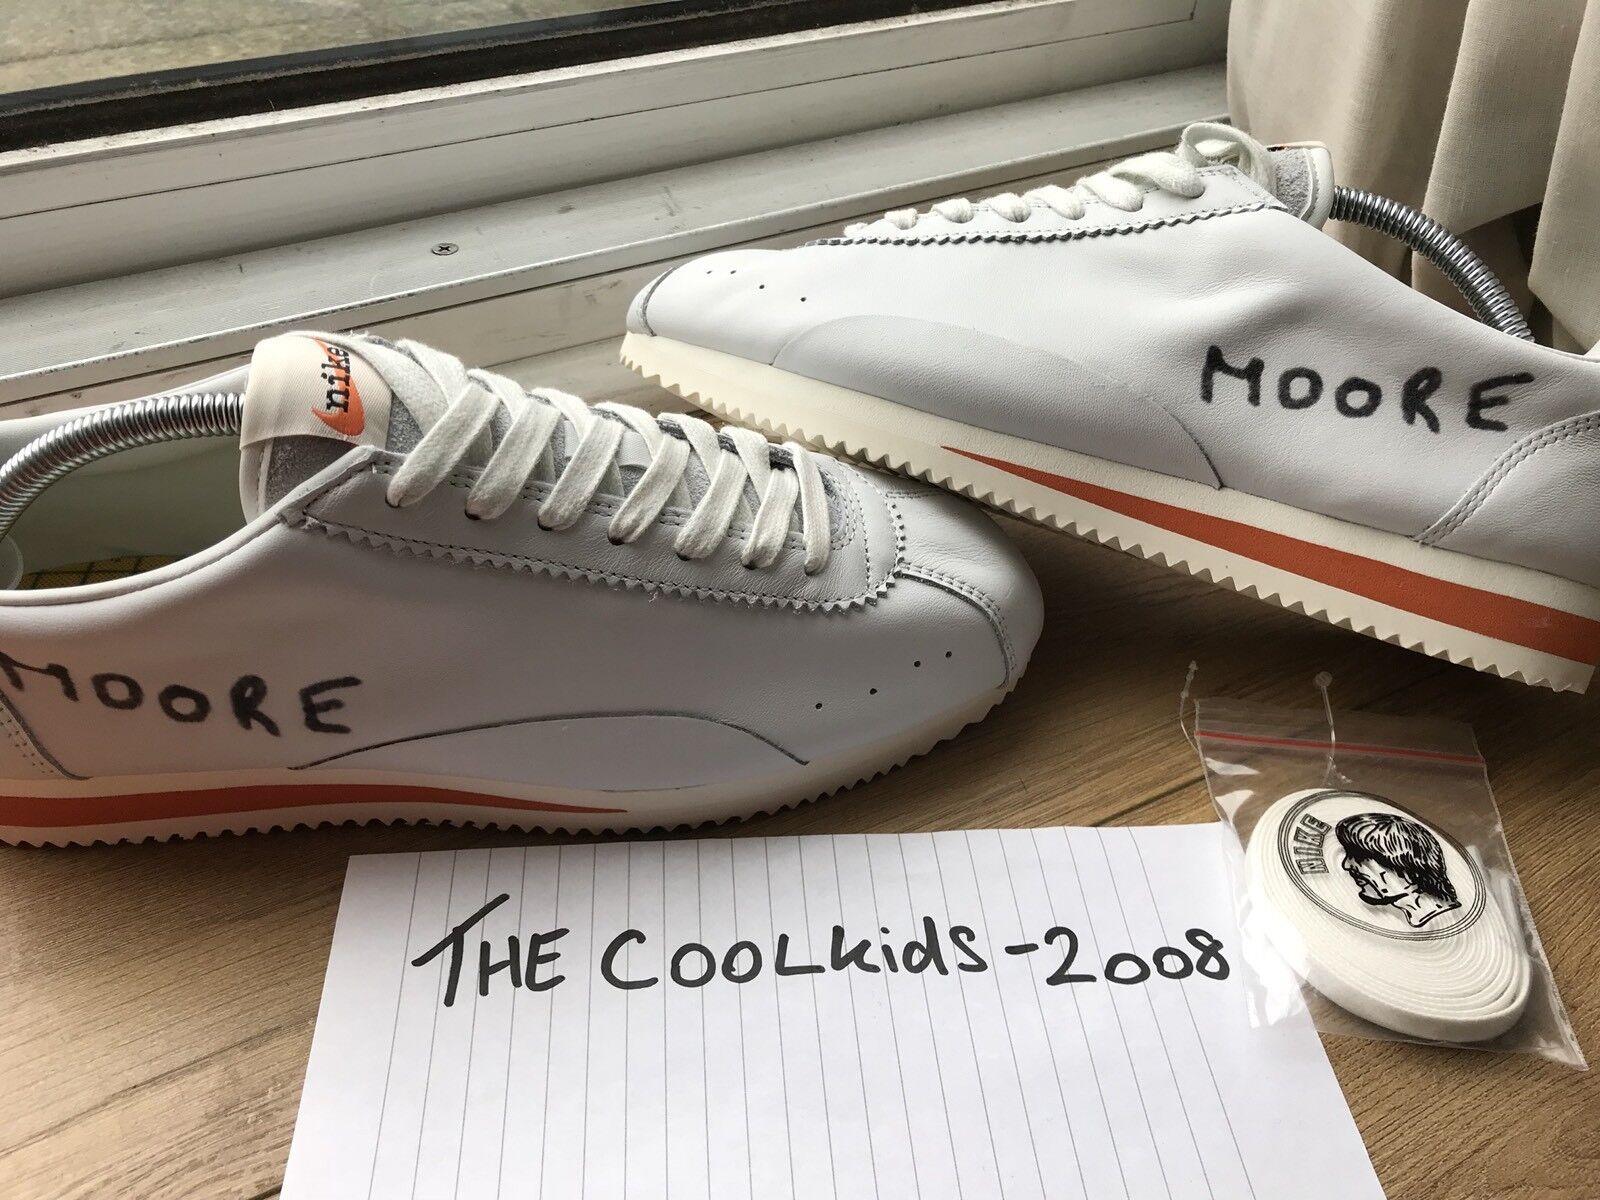 Nike X Kenny Moore Clásico Cortez totalmente nuevo con etiquetas M Raro --- M etiquetas df978e